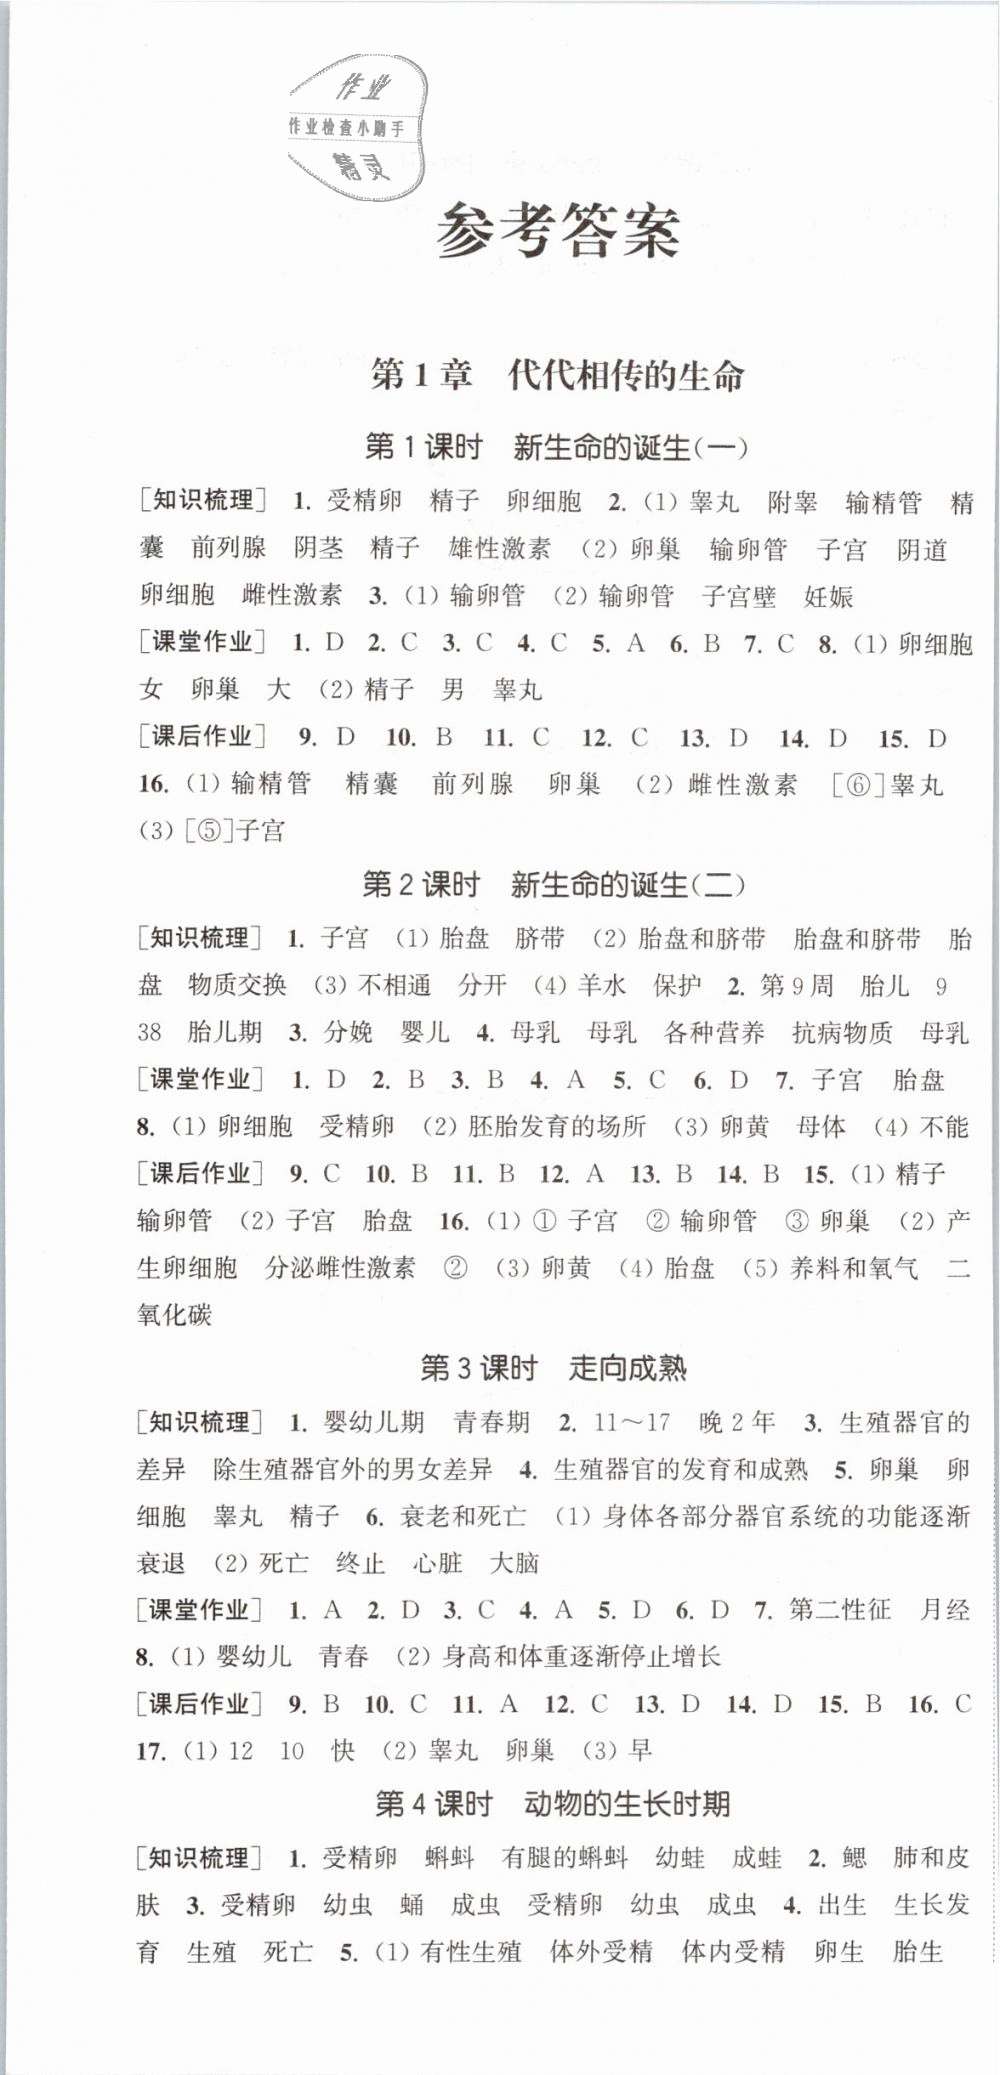 2019年通城学典课时作业本七年级科学下册浙教版第1页